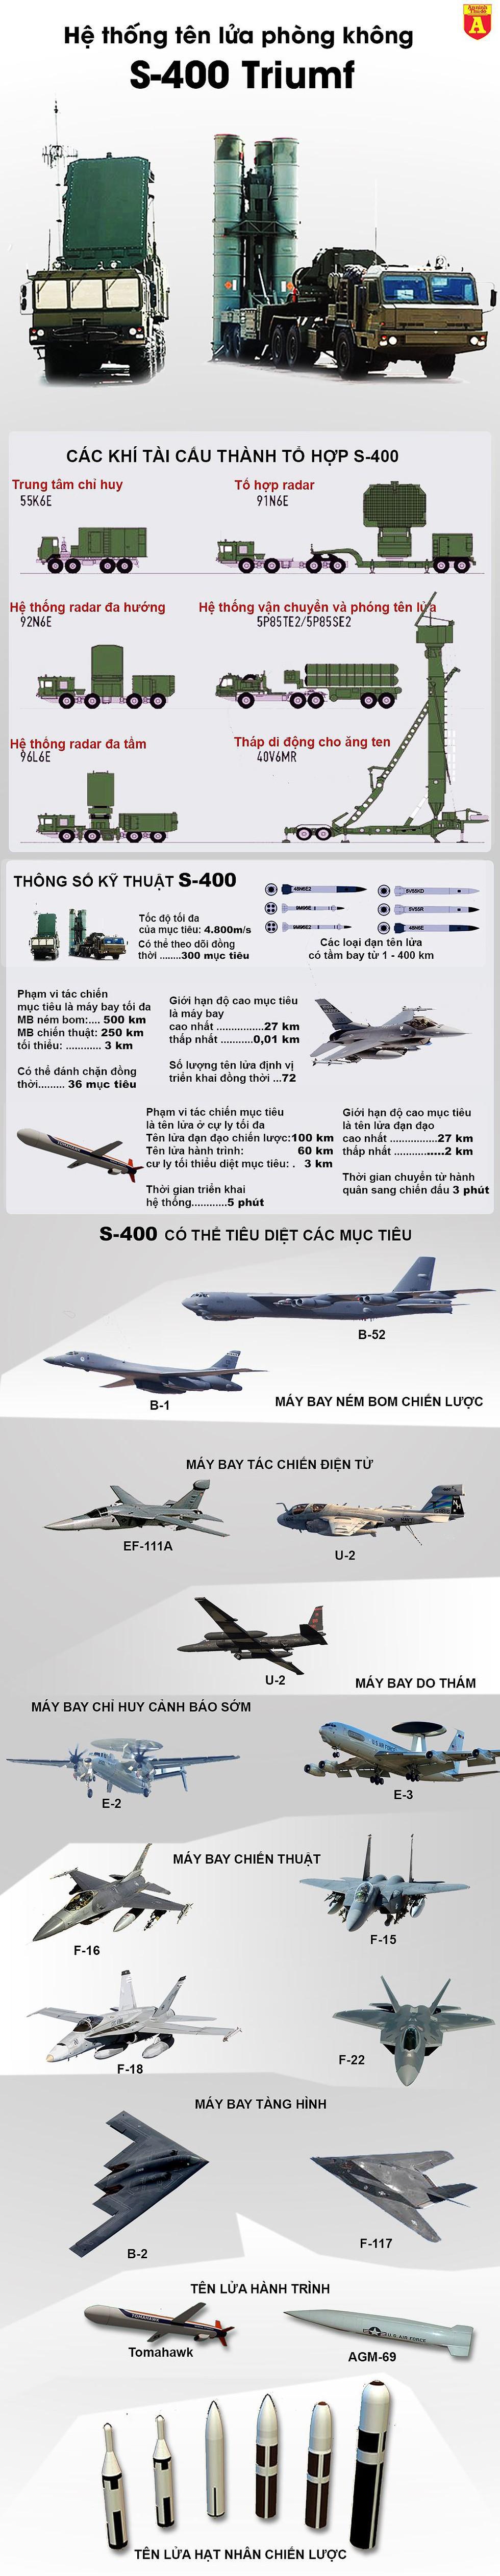 [Infographics] Thương vụ tên lửa S-400 Nga sẽ lại thất bại tại Trung Đông? - Ảnh 1